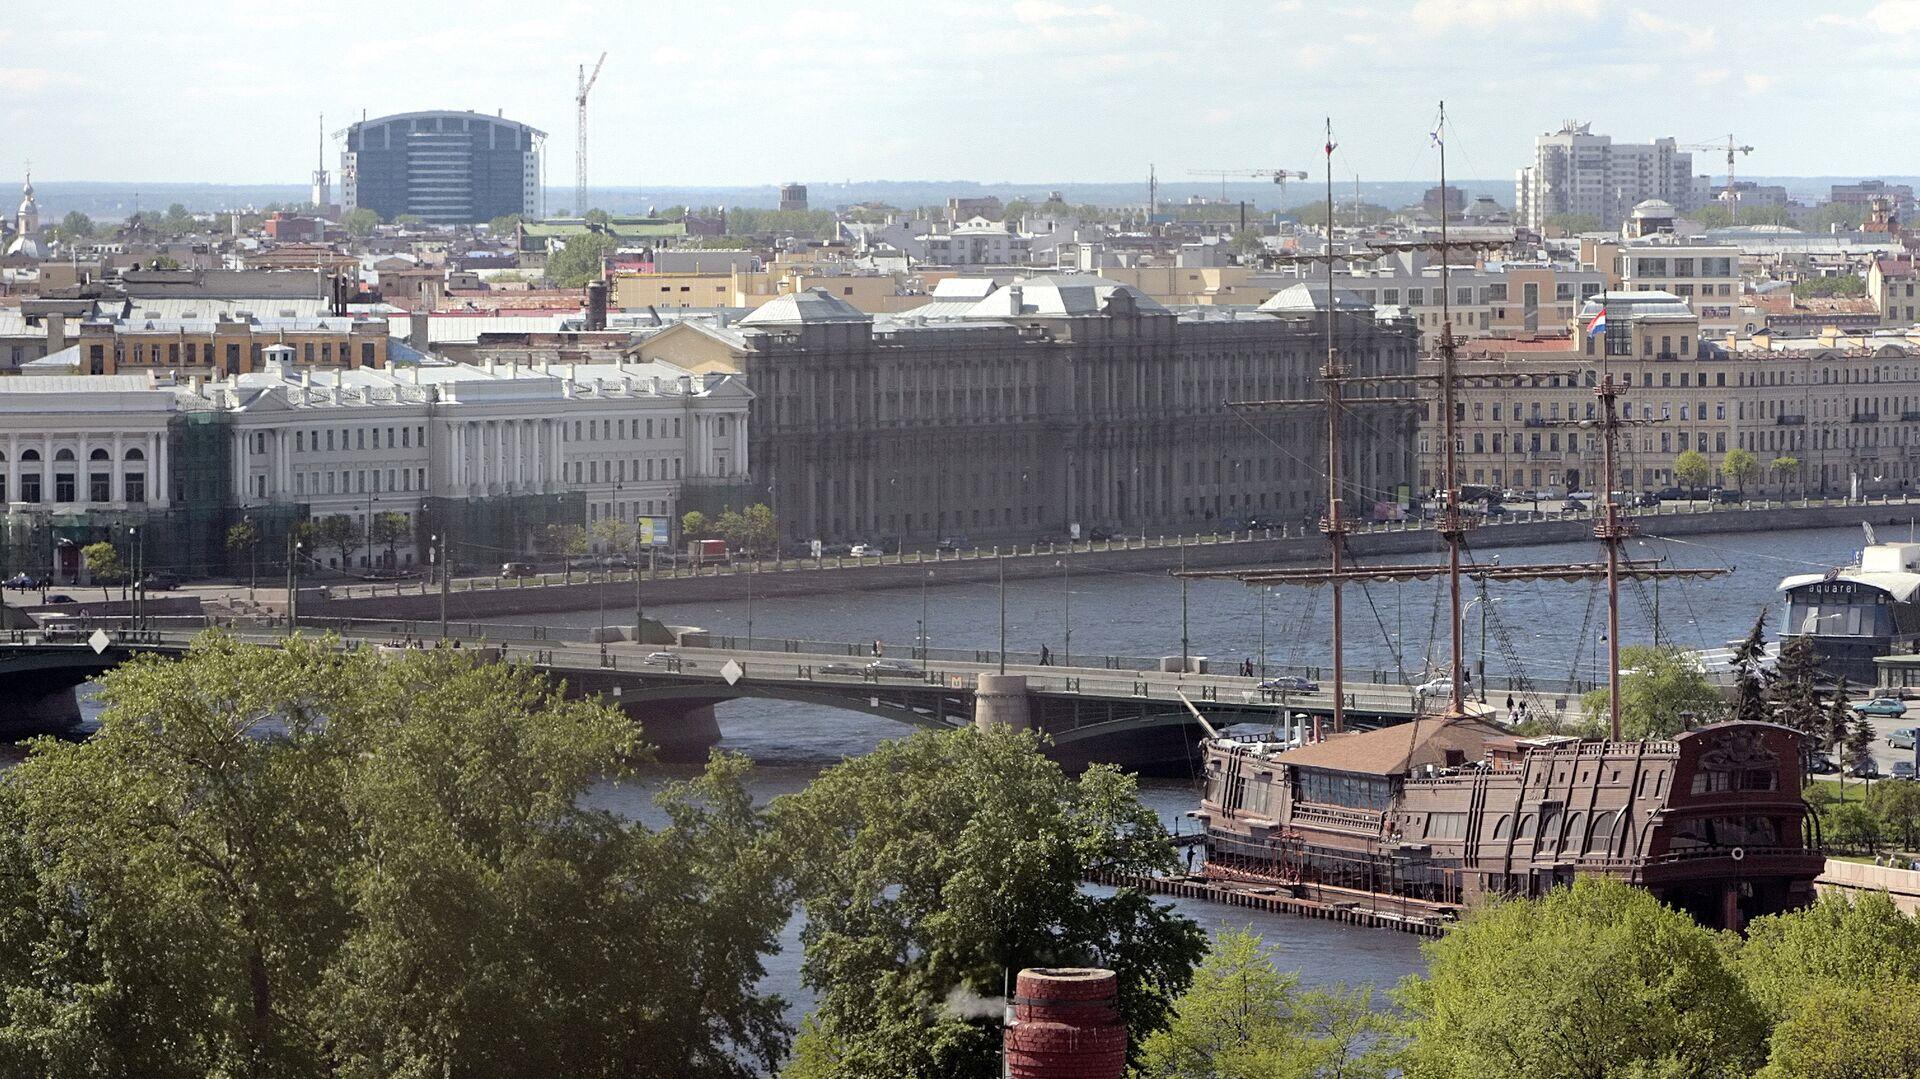 Вид на Биржевой мост с колокольни Петропавловской крепости - РИА Новости, 1920, 02.02.2021